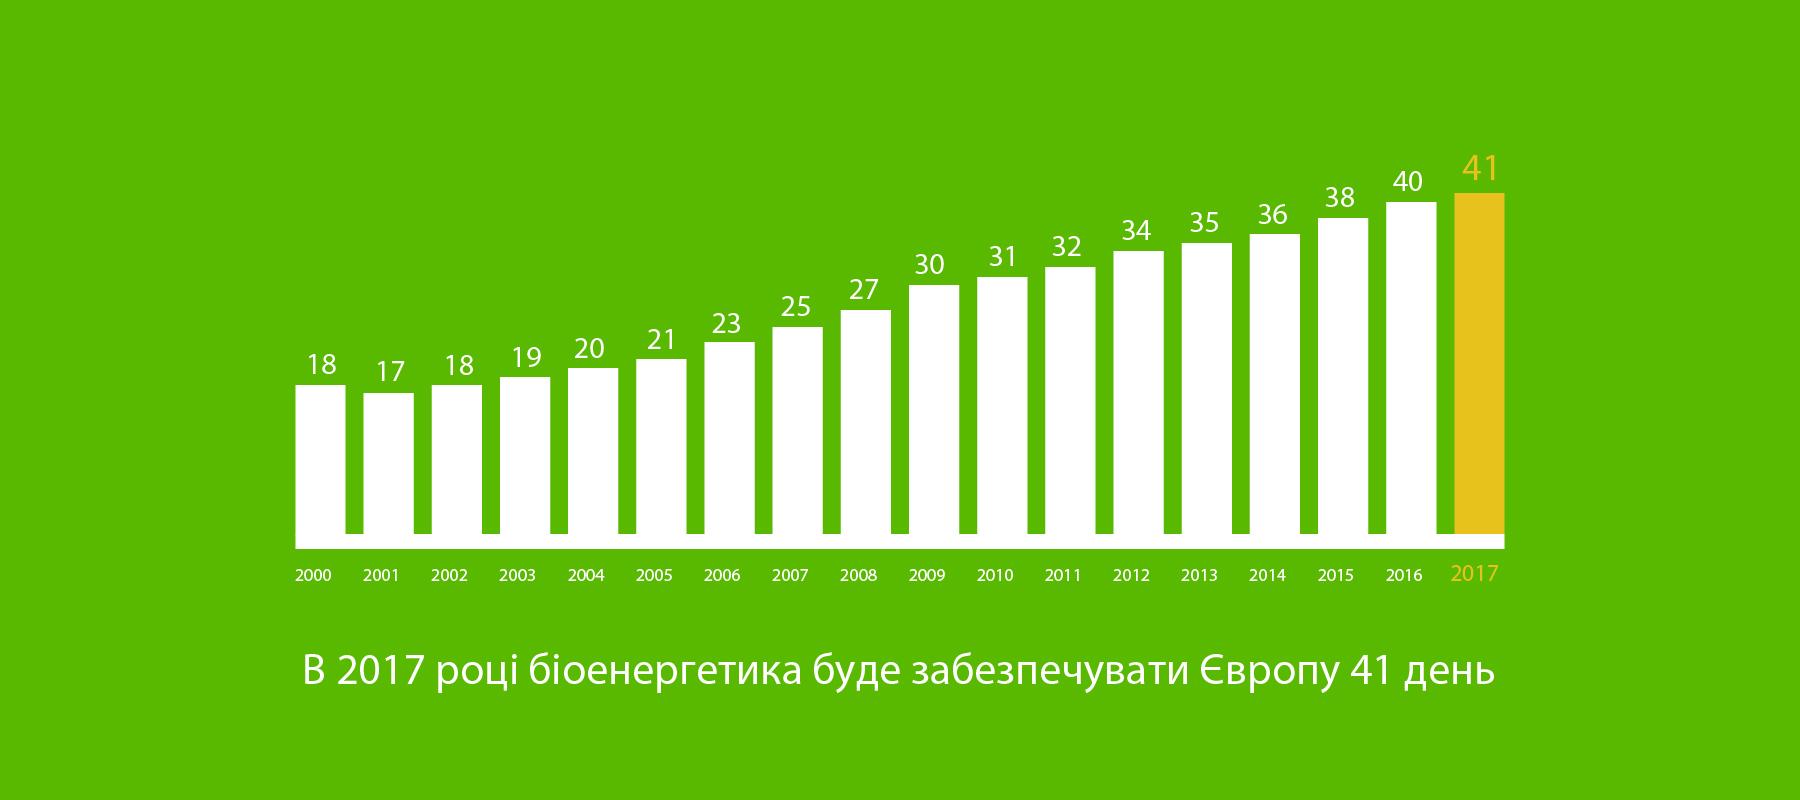 Біоенергетика може забезпечувати Європу біоенергією 41 день у 2017 році